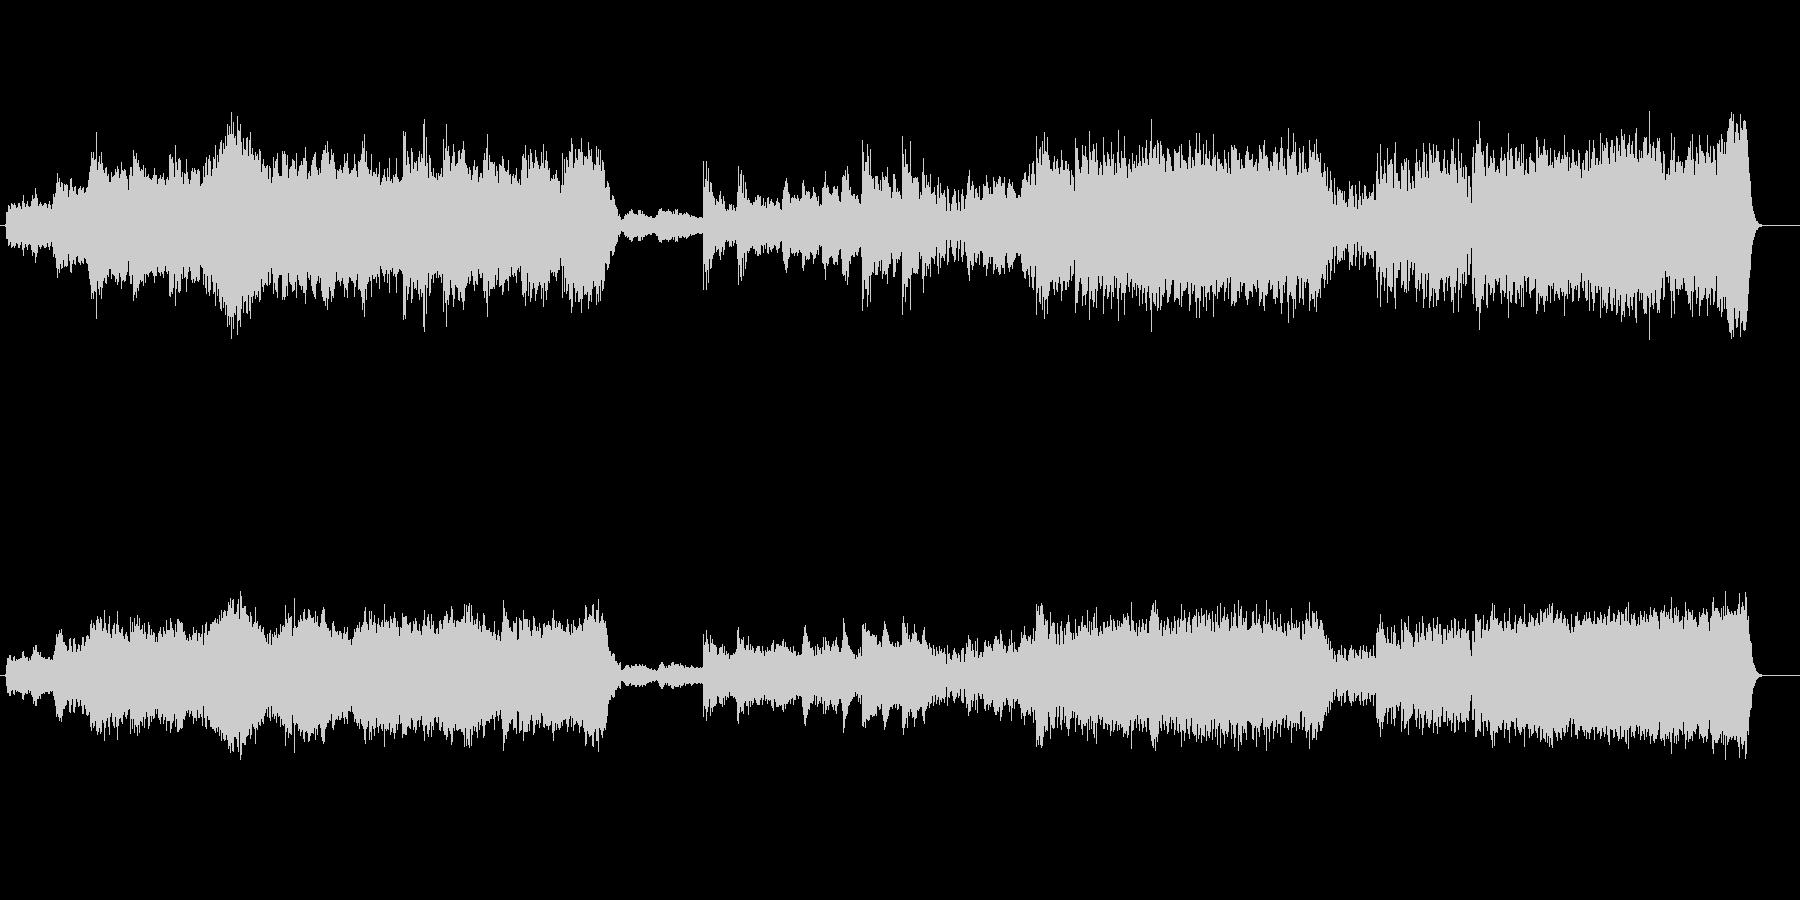 ダイナミックなオーケストラ風アレンジの未再生の波形